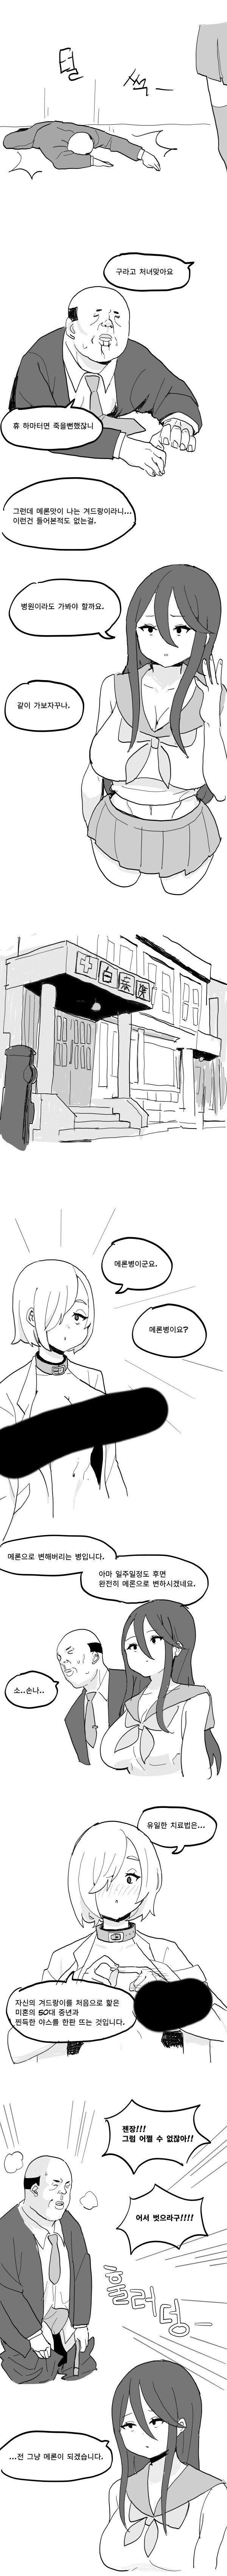 2.jpg ㅇㅎ)처녀 겨드랑이 핥는.manhwa